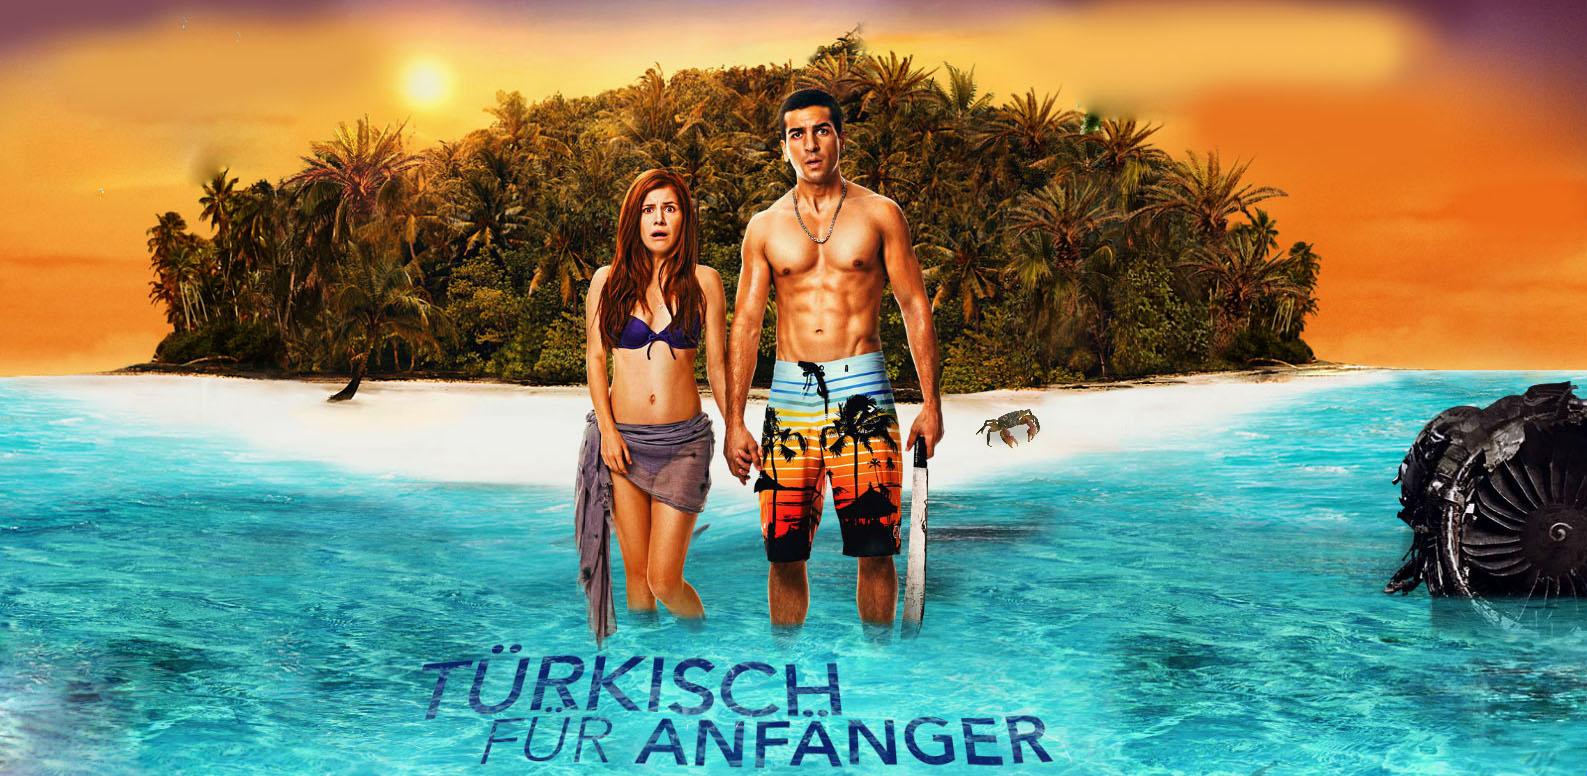 Türkisch Für Anfänger Film Online